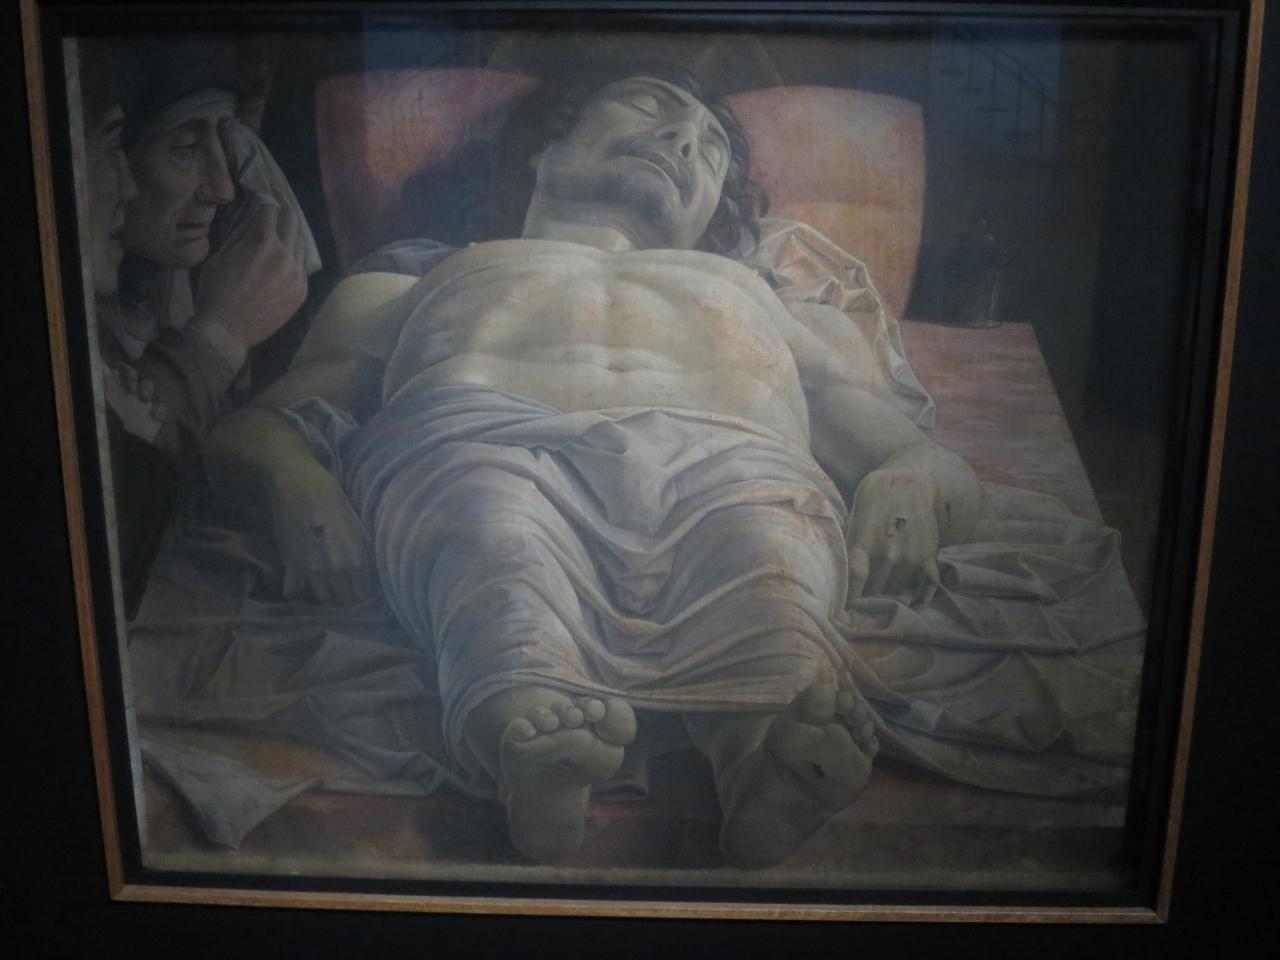 アンドレア・マンテーニャの画像 p1_12